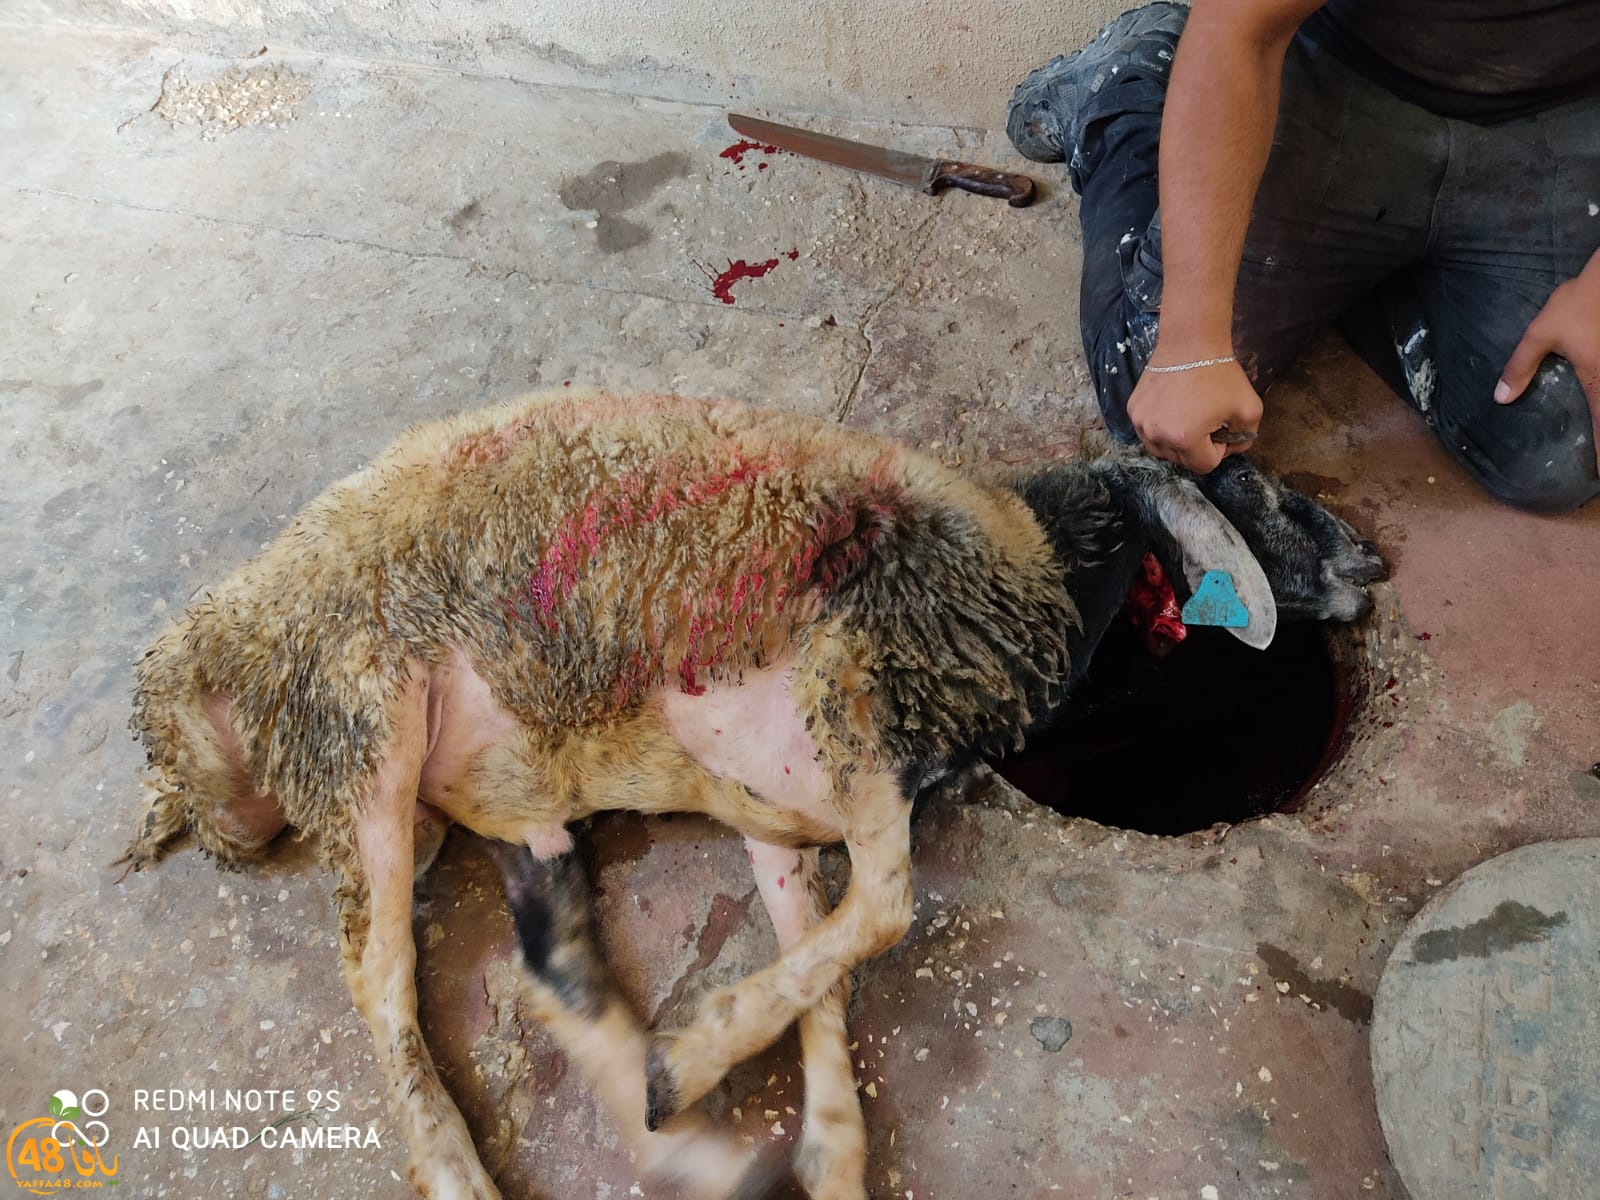 بالصور: أجواء عيد الأضحى المبارك وذبح الأضاحي في يافا، اللد والرملة